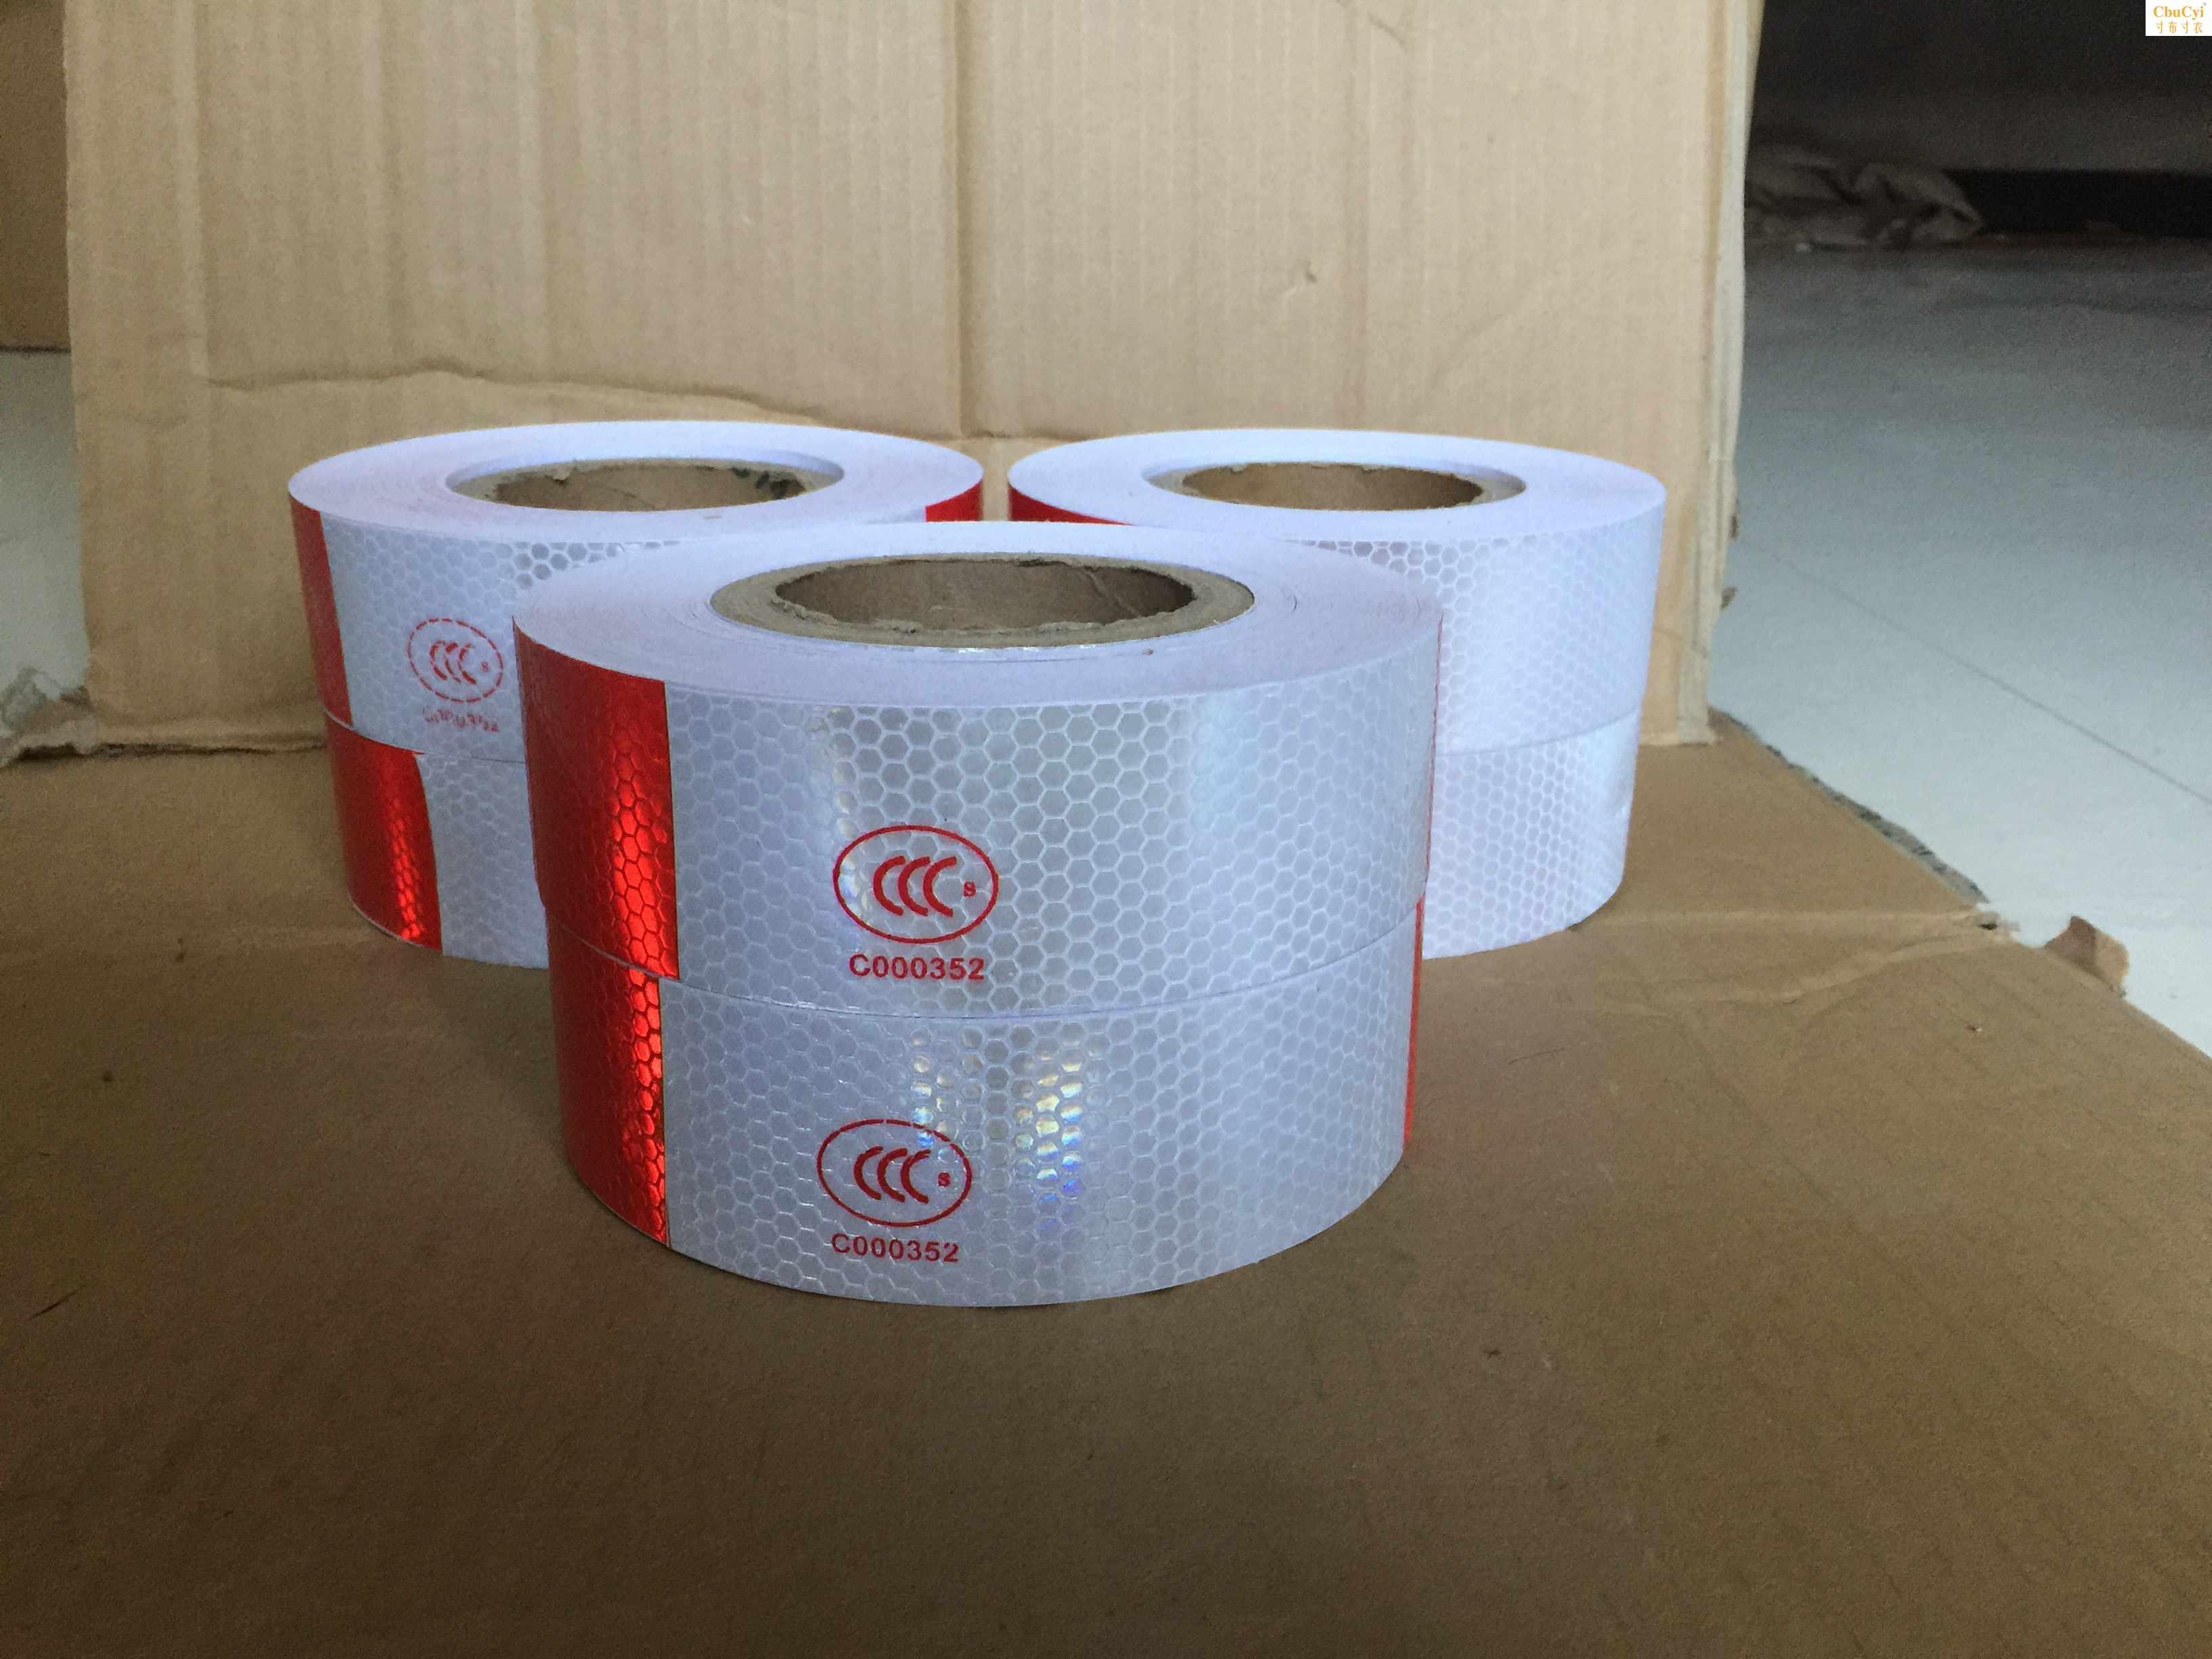 3C反光贴货车年审检车反光条车身反光标识反光贴反光纸工程反光